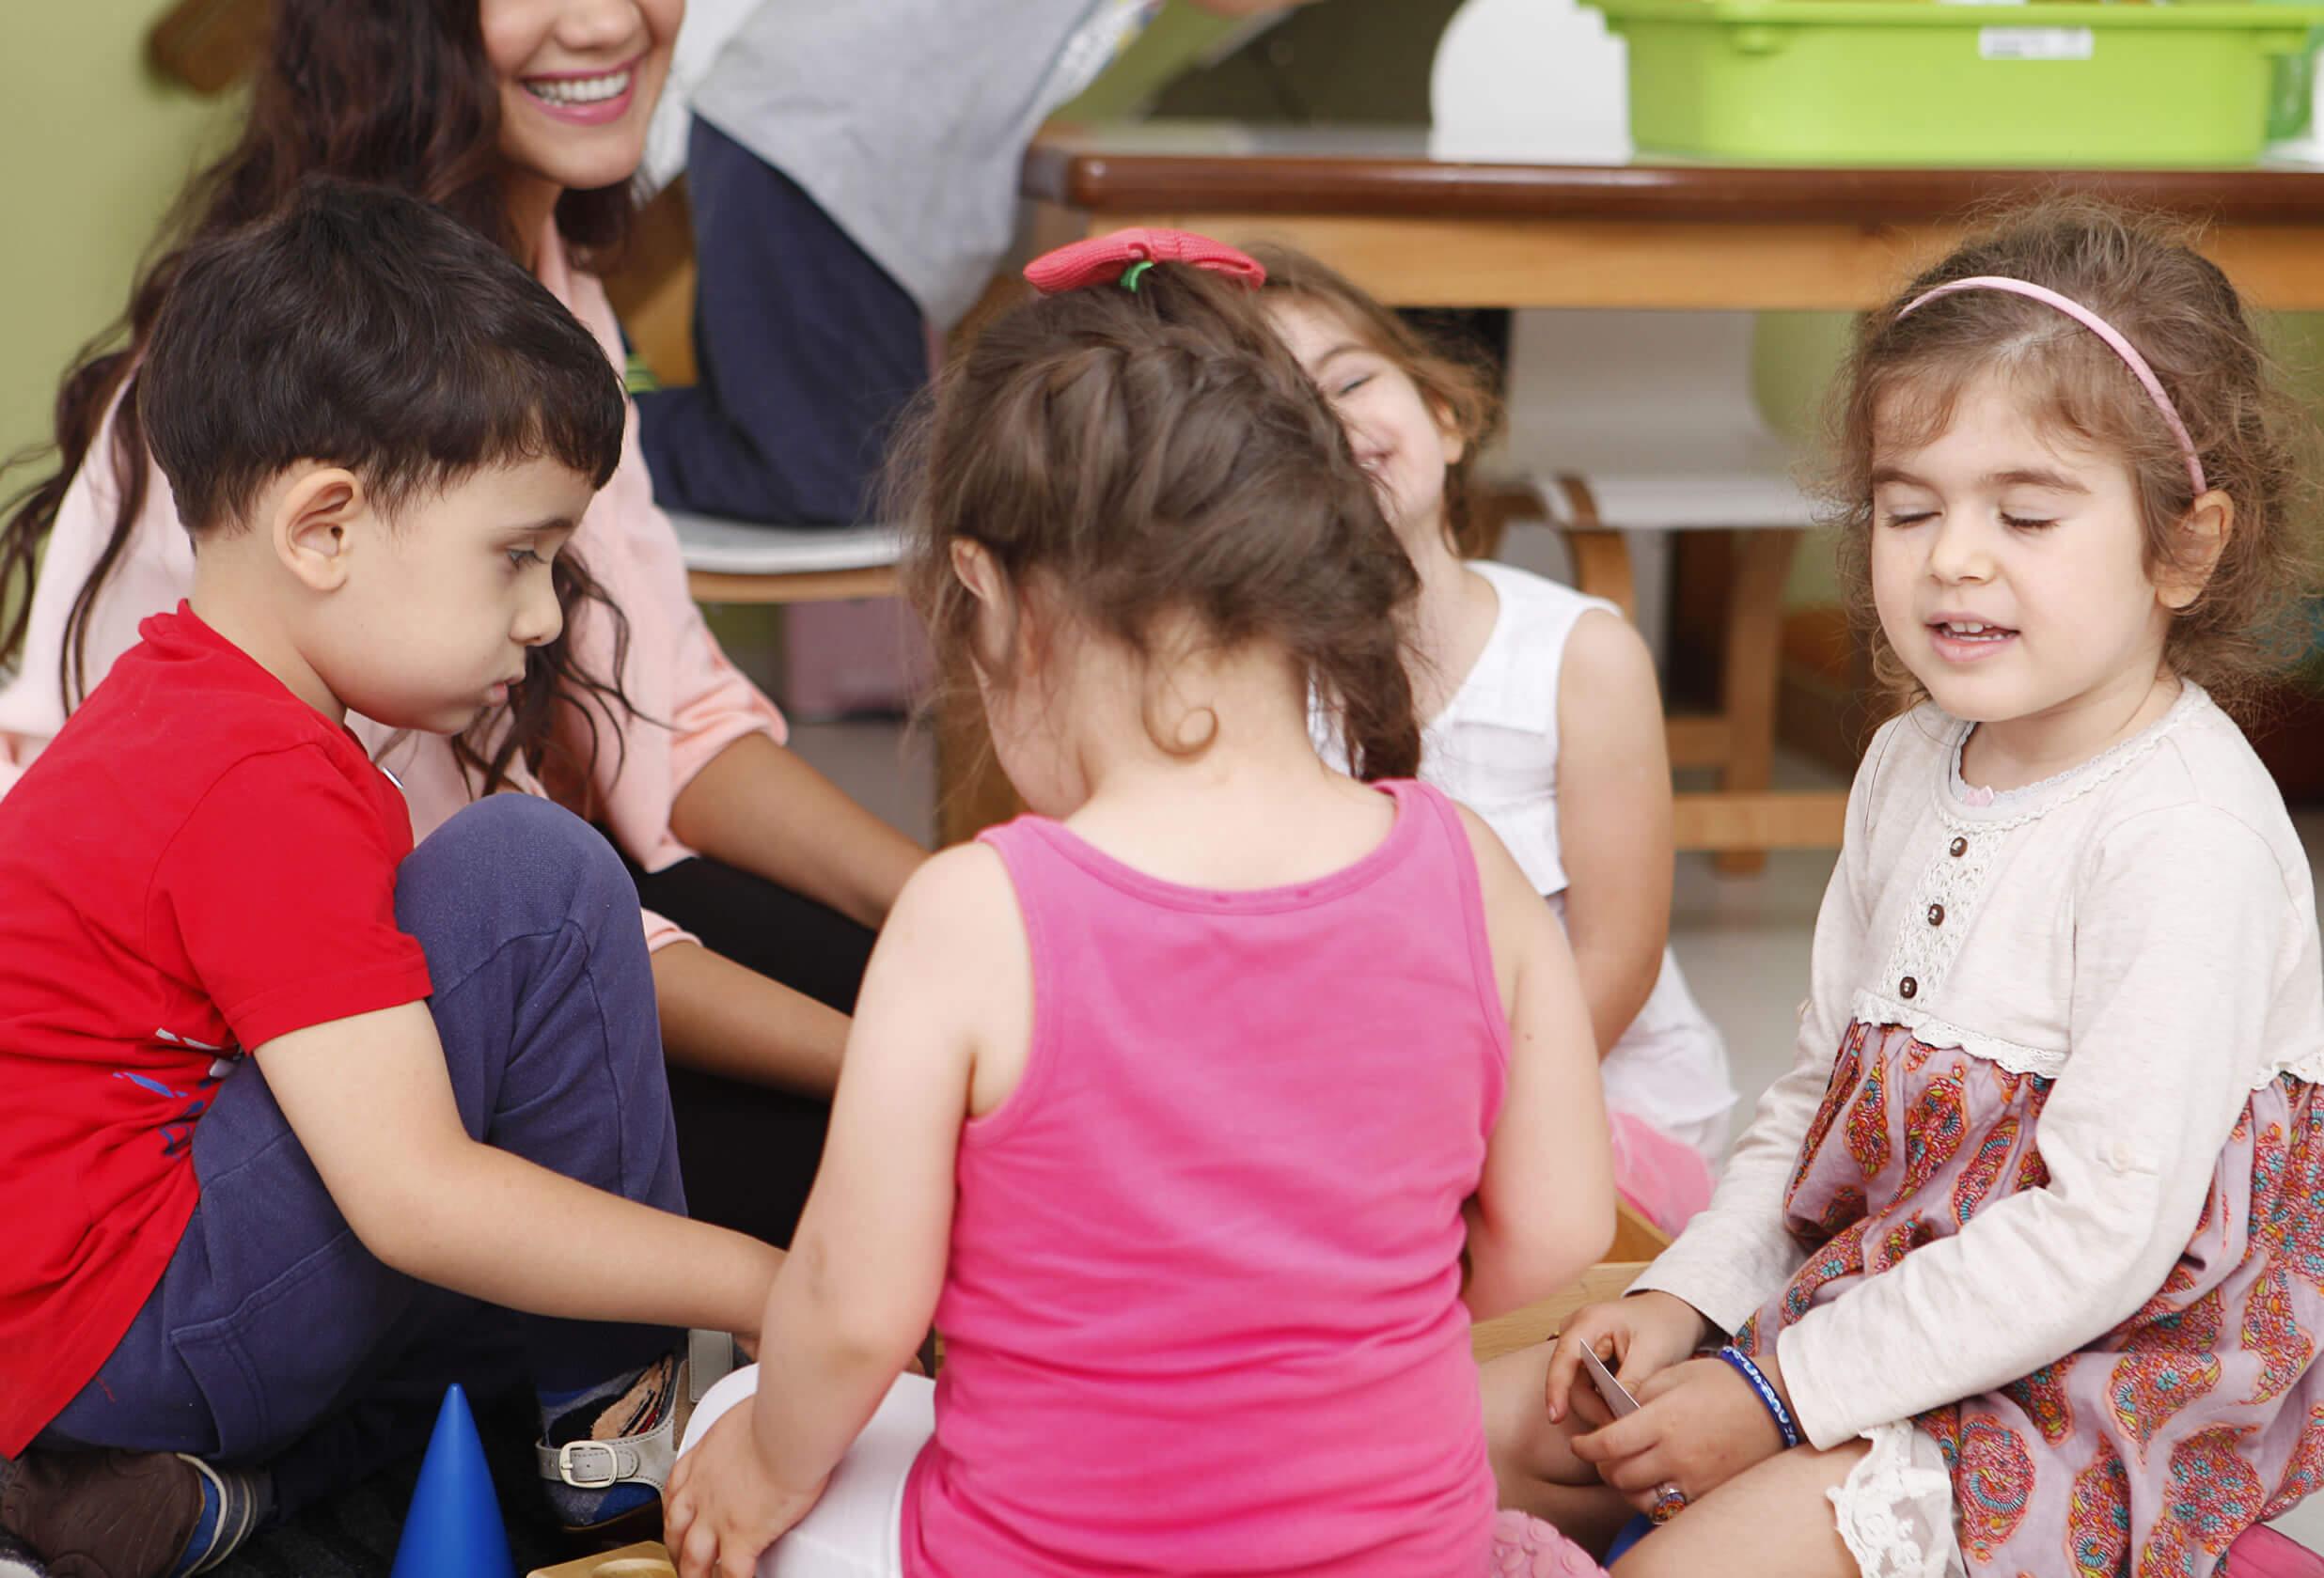 Kinder spielen unter Aufsicht einer Erzieherin